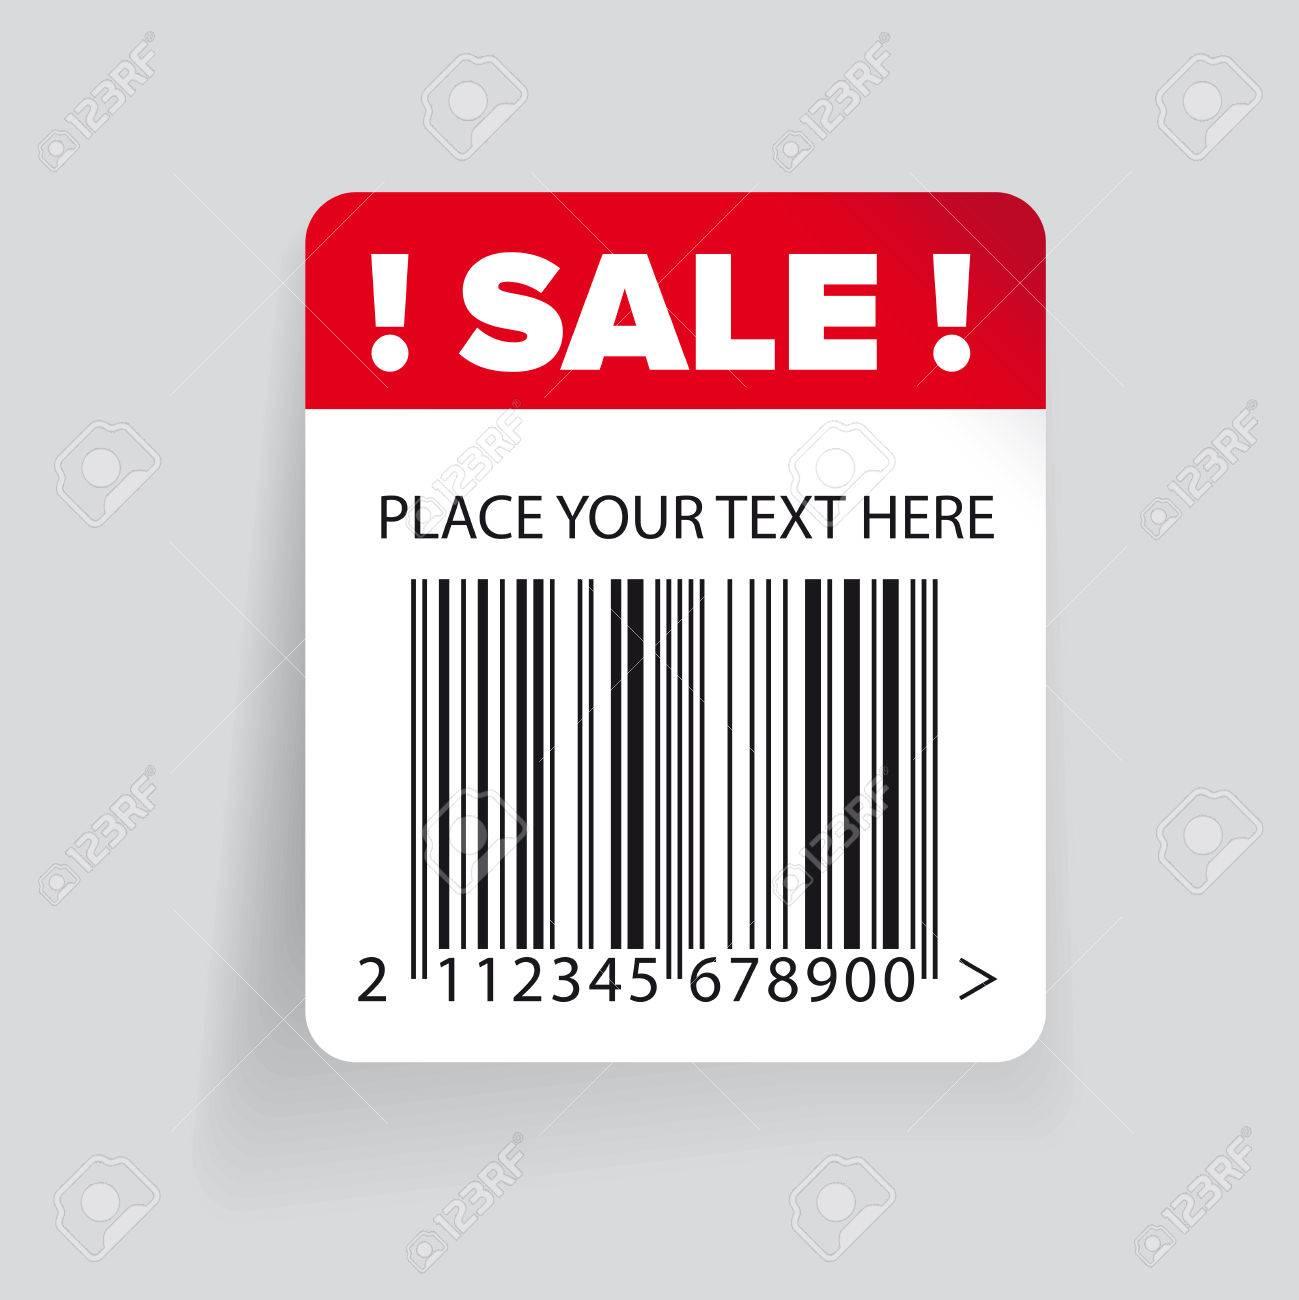 販売バーコード ラベル テンプレート ベクトル ロイヤリティフリー